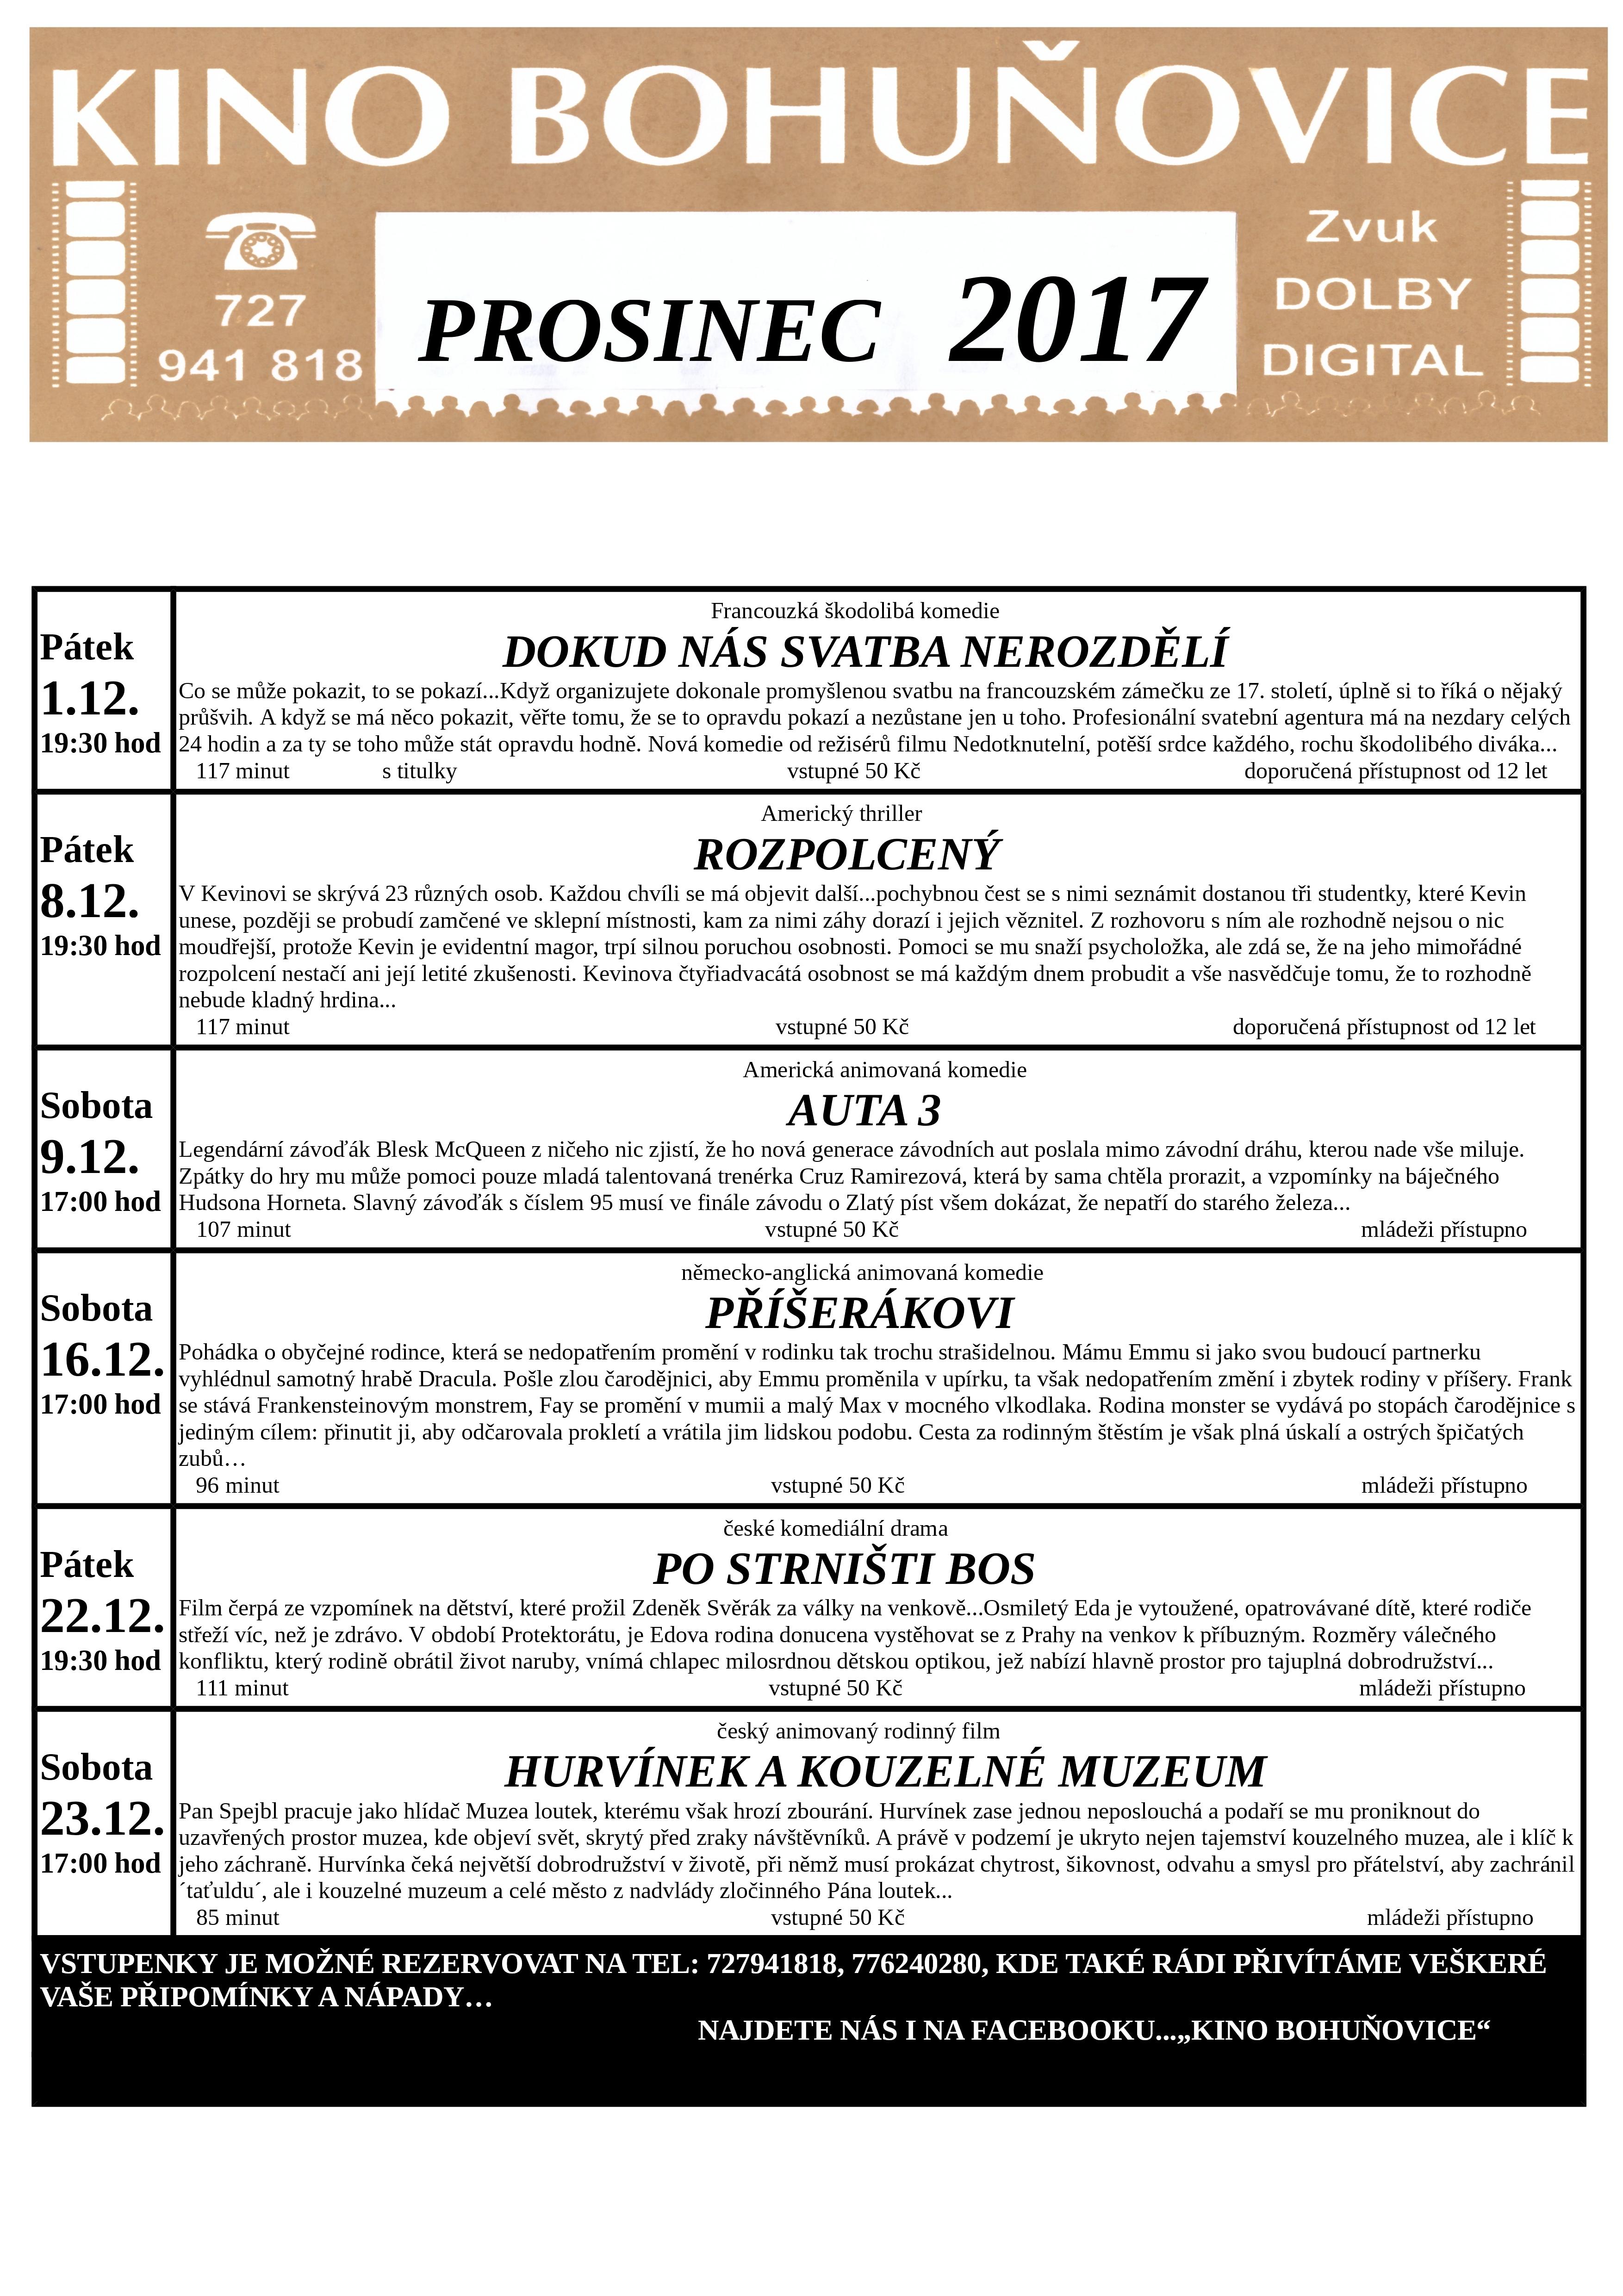 PROSINEC 2017